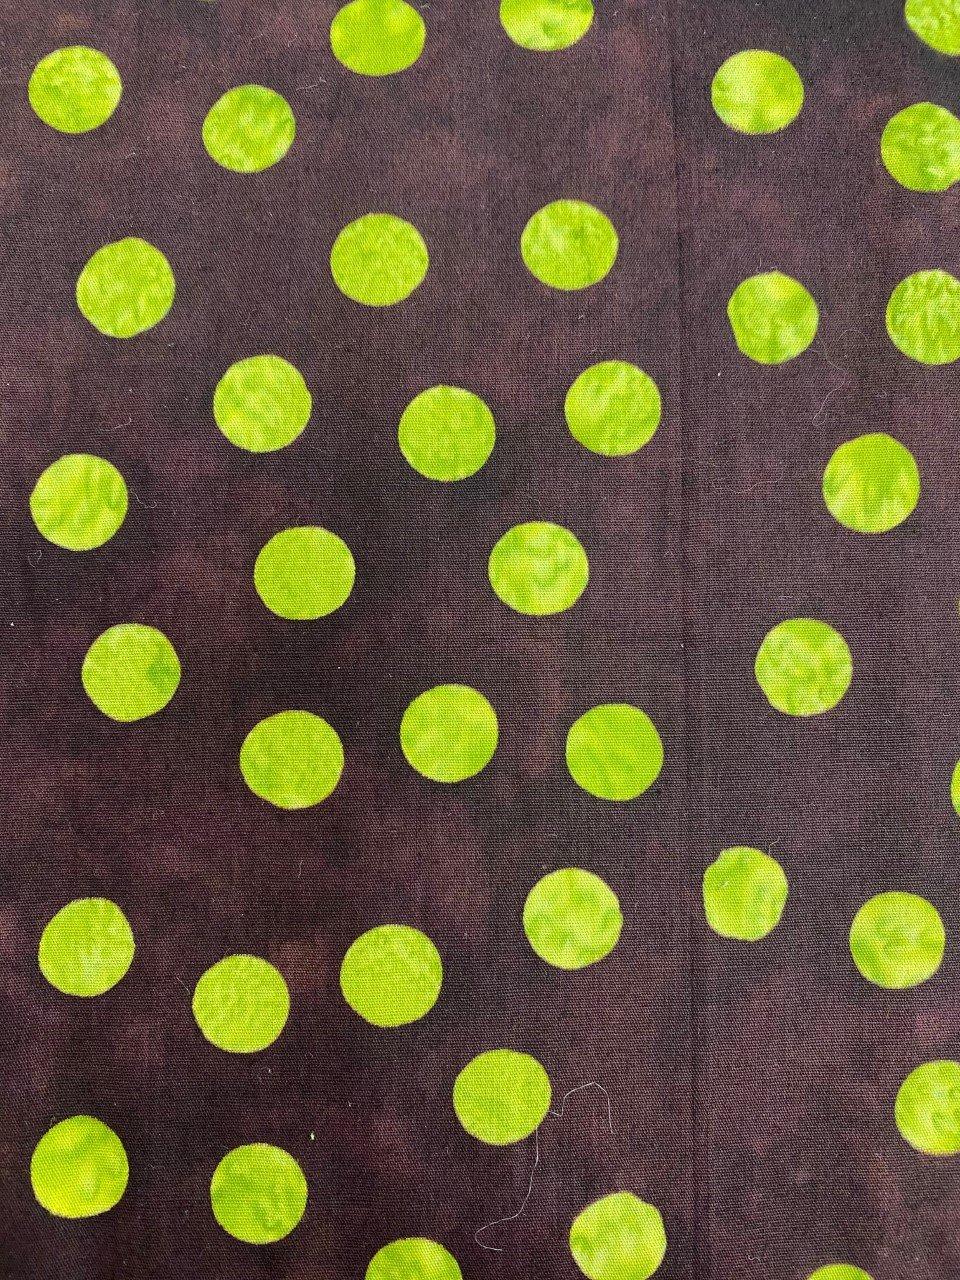 Batik Textiles Green Polka Dots